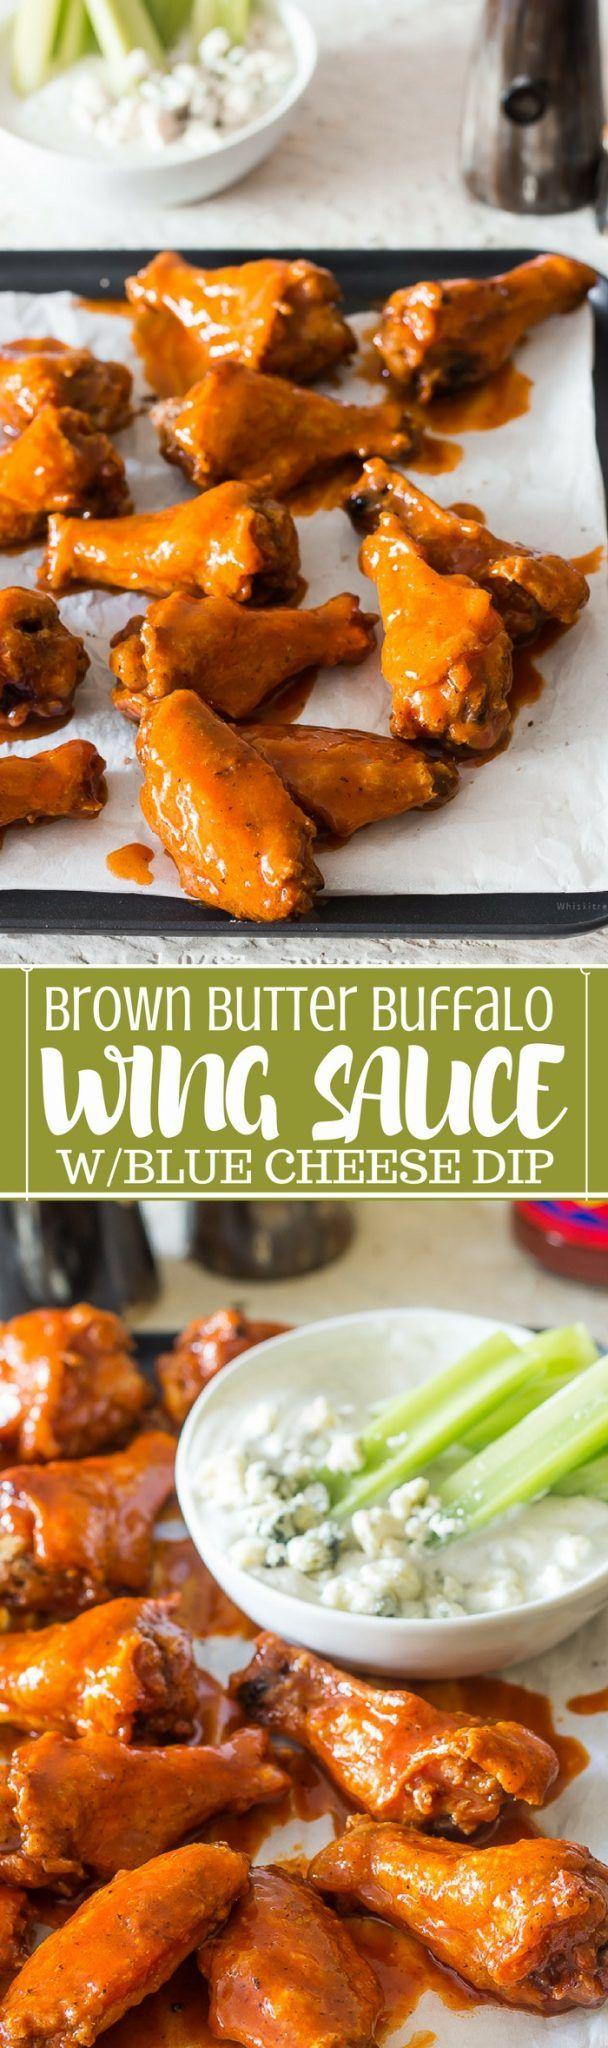 Brown Butter Buttermilk Buffalo Chicken Wing Sauce & DIY Blue Cheese Dip